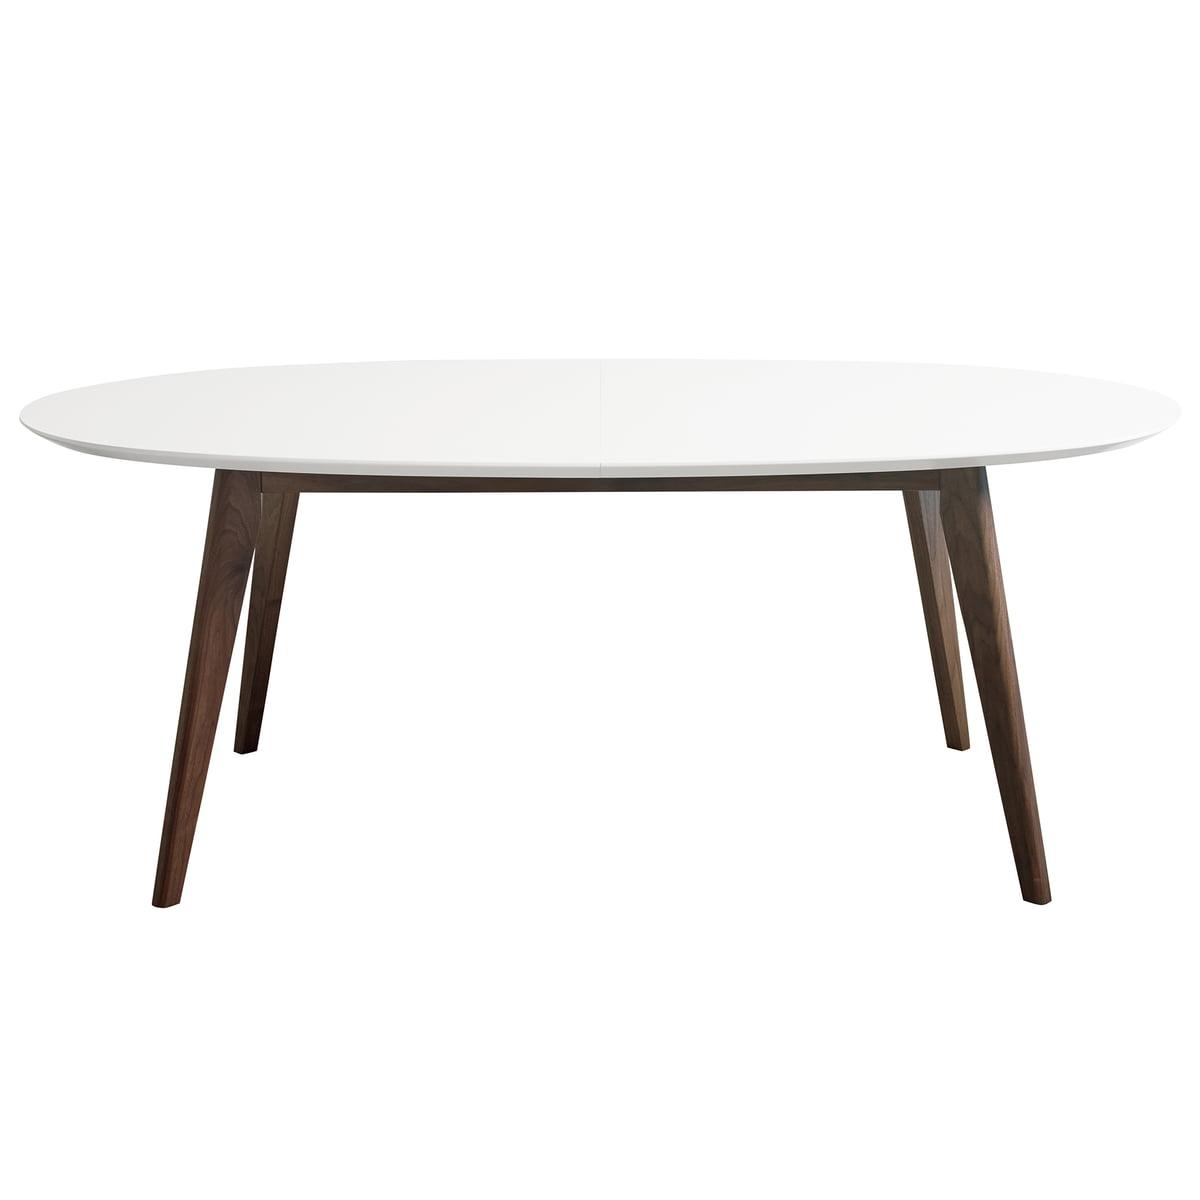 Weiss Tischplatte Laminat Esstische Online Kaufen Möbel